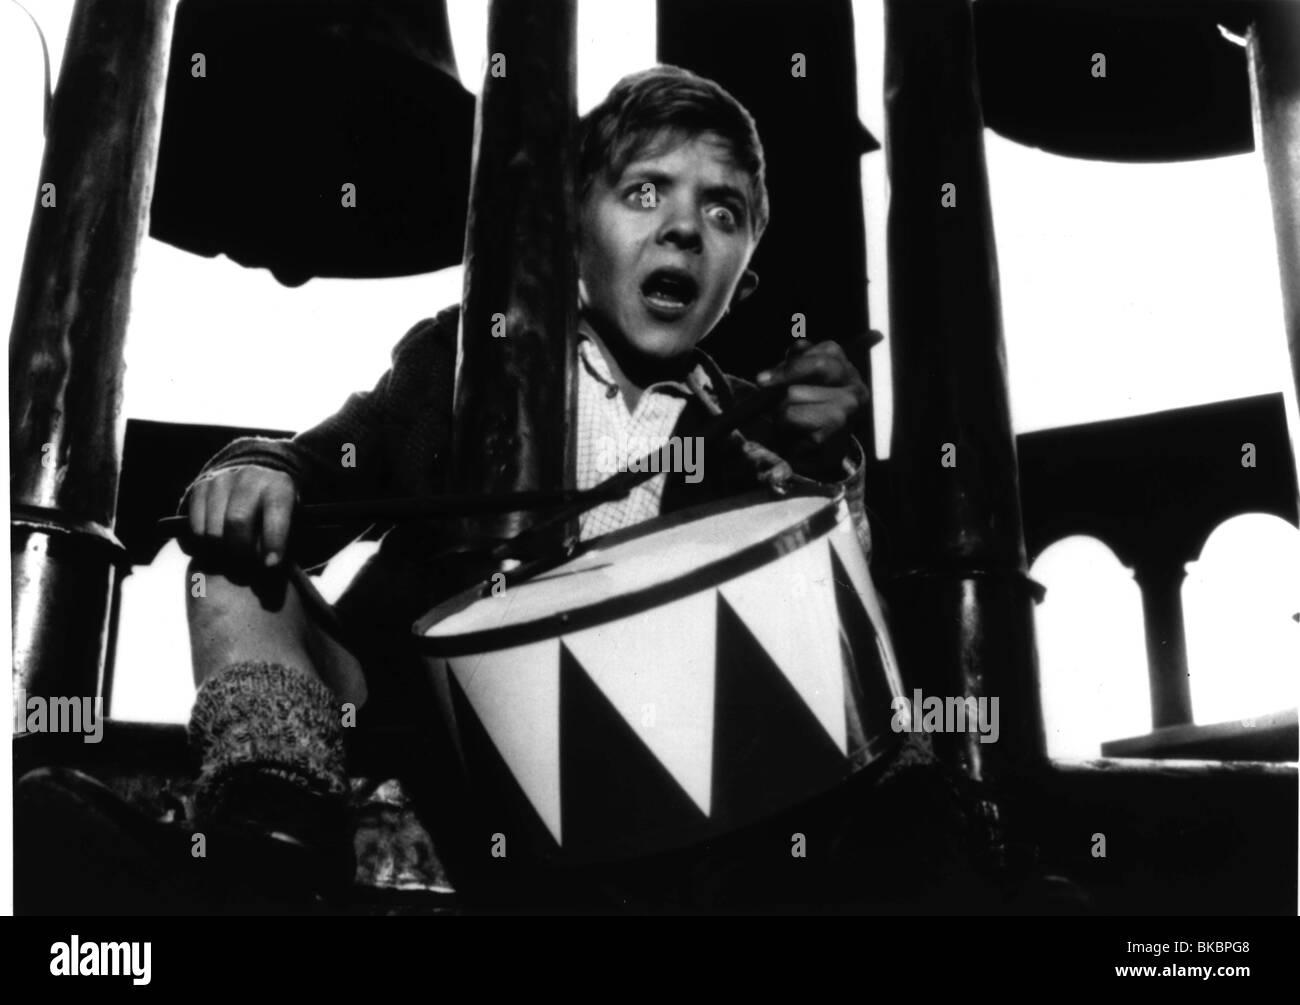 Il Tamburo Di Latta.Il Tamburo Di Latta 1979 Foto Immagine Stock 29148008 Alamy